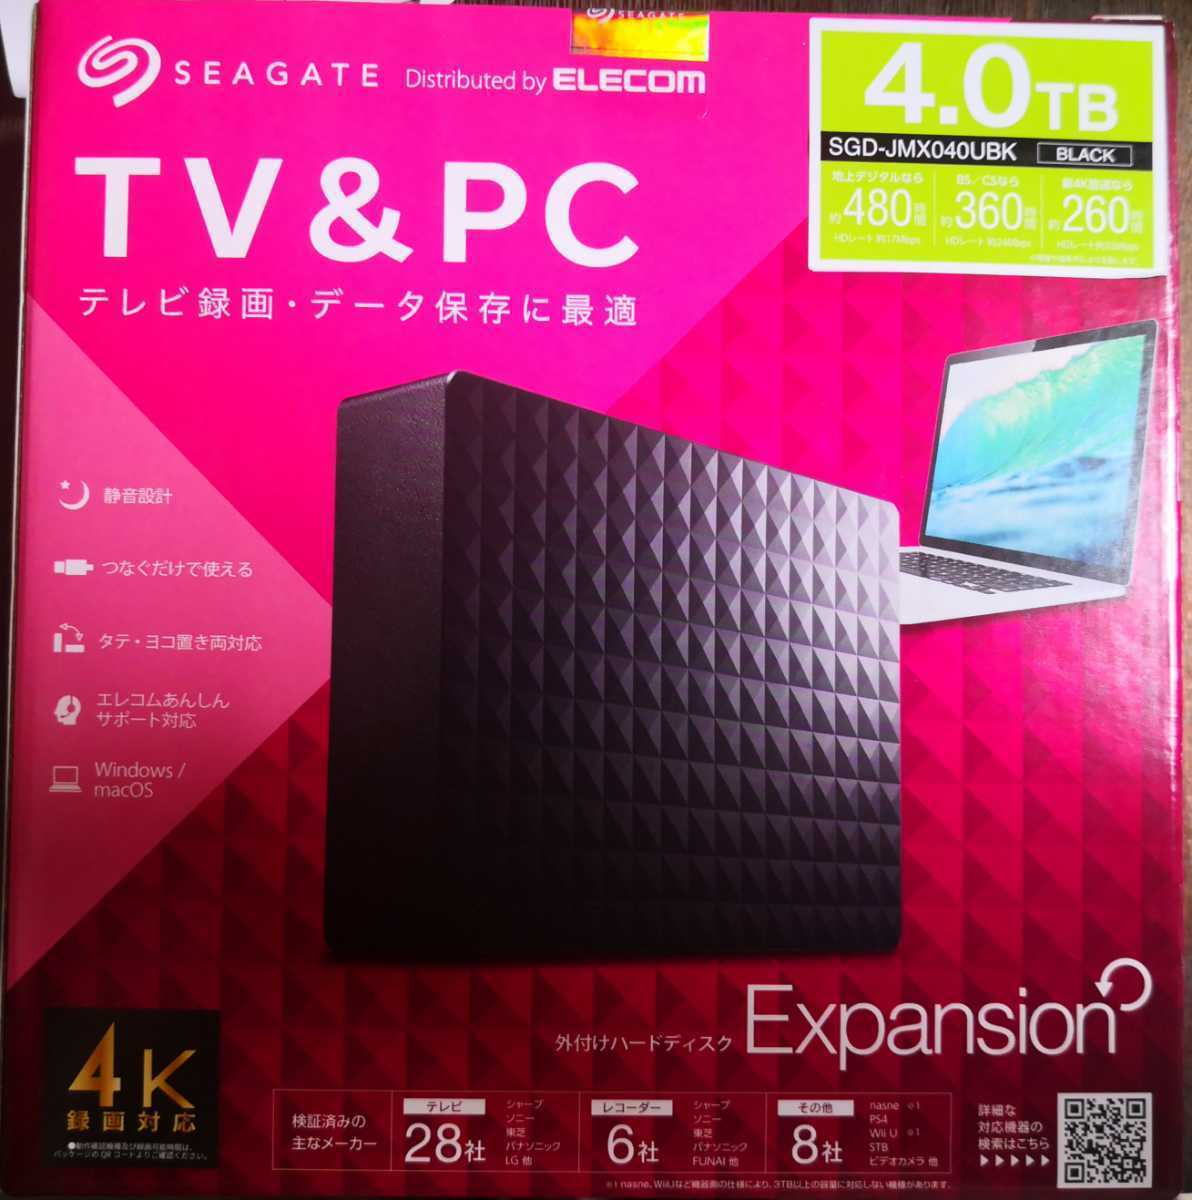 【未開封】Seagate 外付け ハードディスク HDD 4TB SGD-JMX040UBK USB 3.0